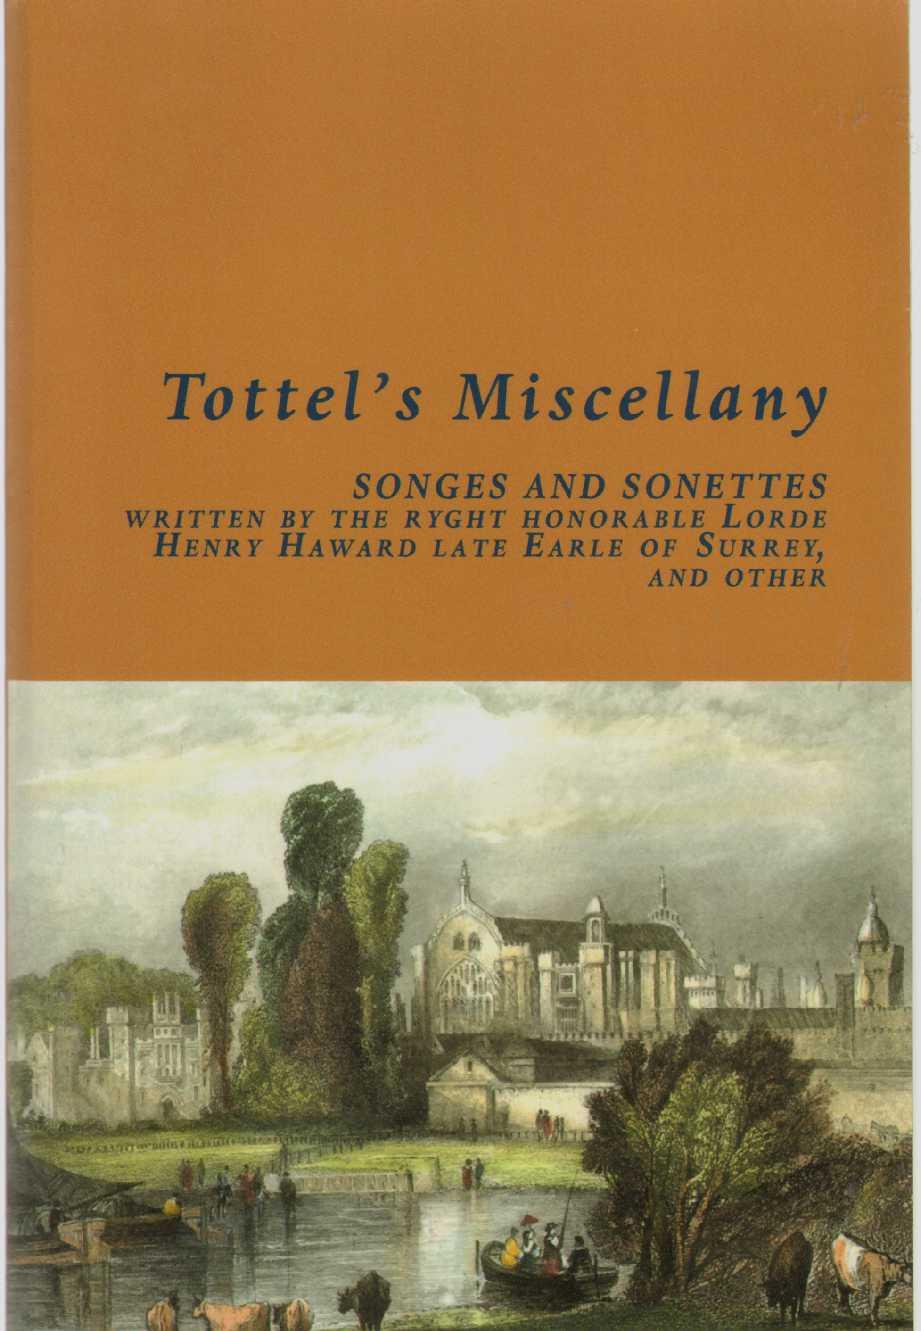 TOTTEL'S MISCELLANY, Tottel, Richard